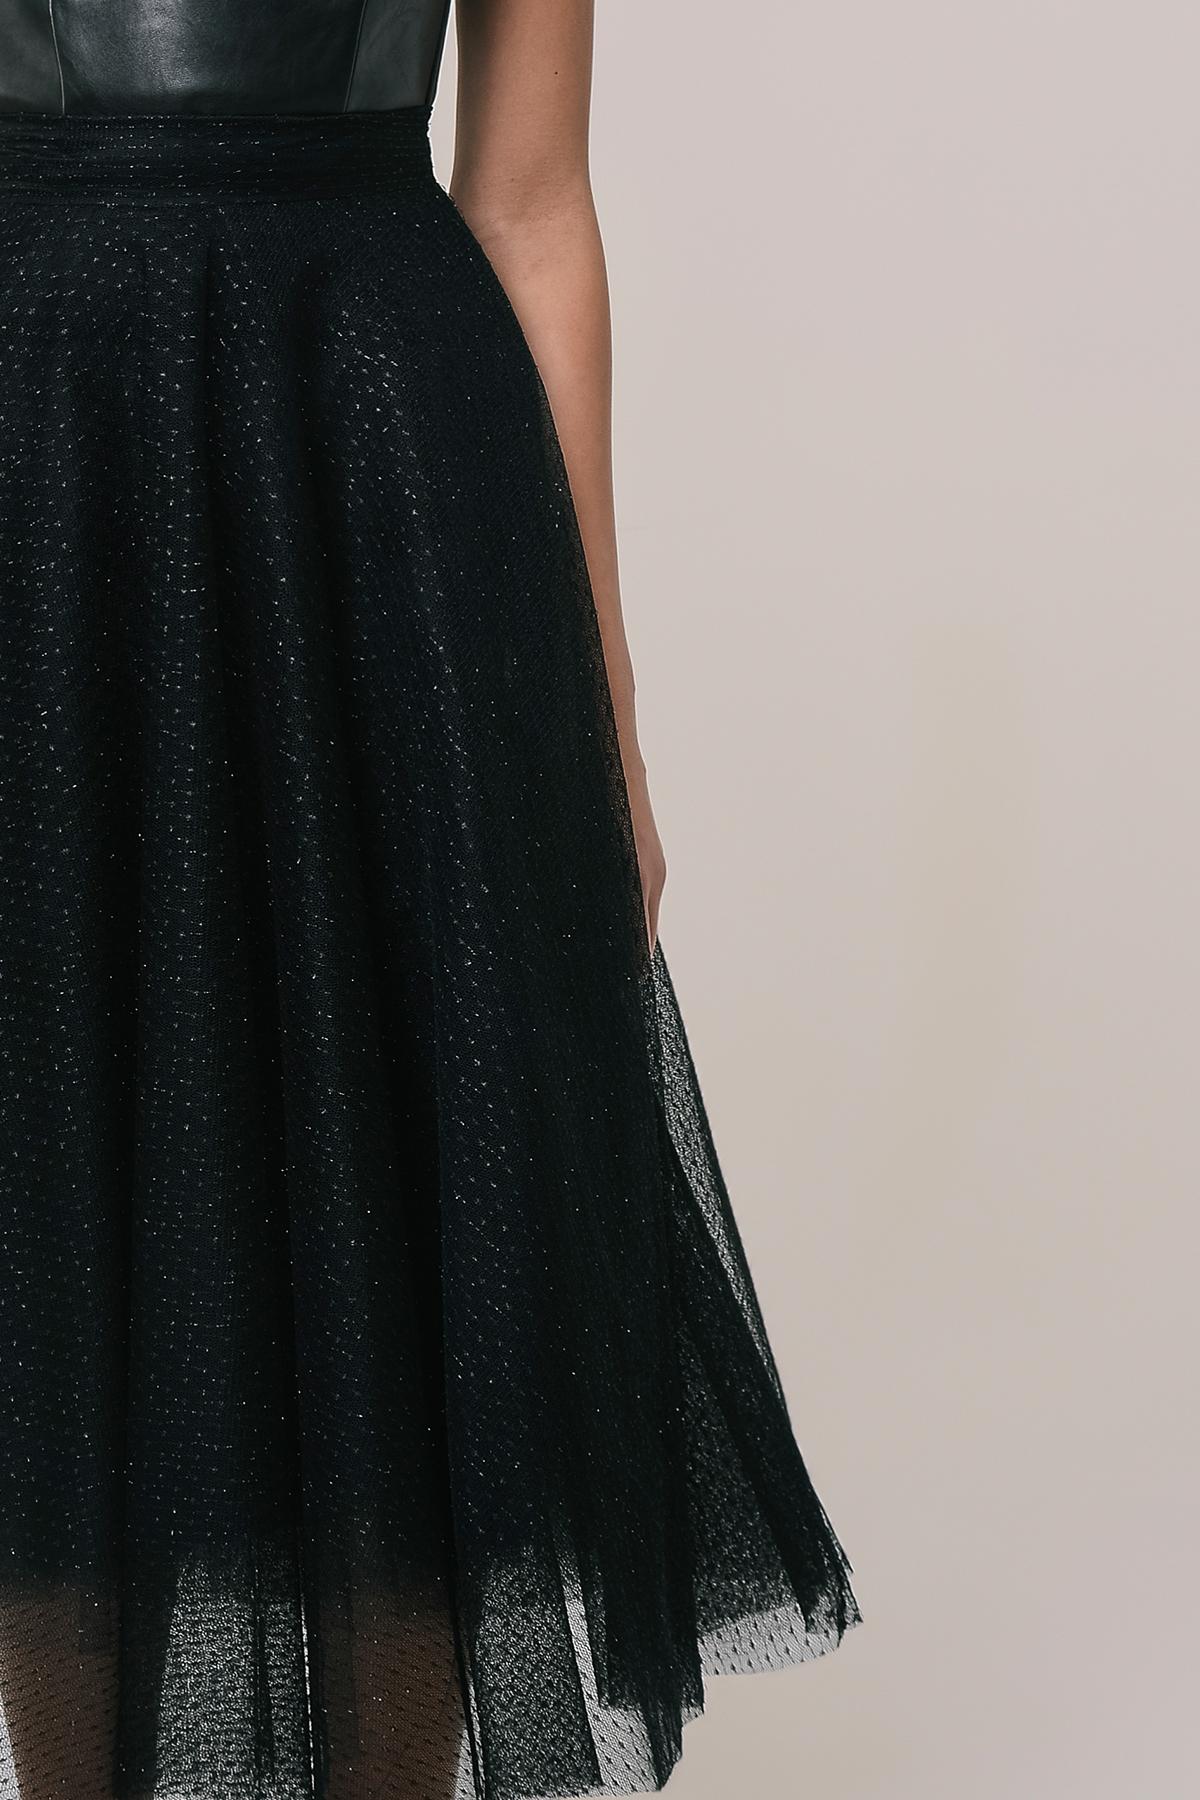 Ballerina skirt 3